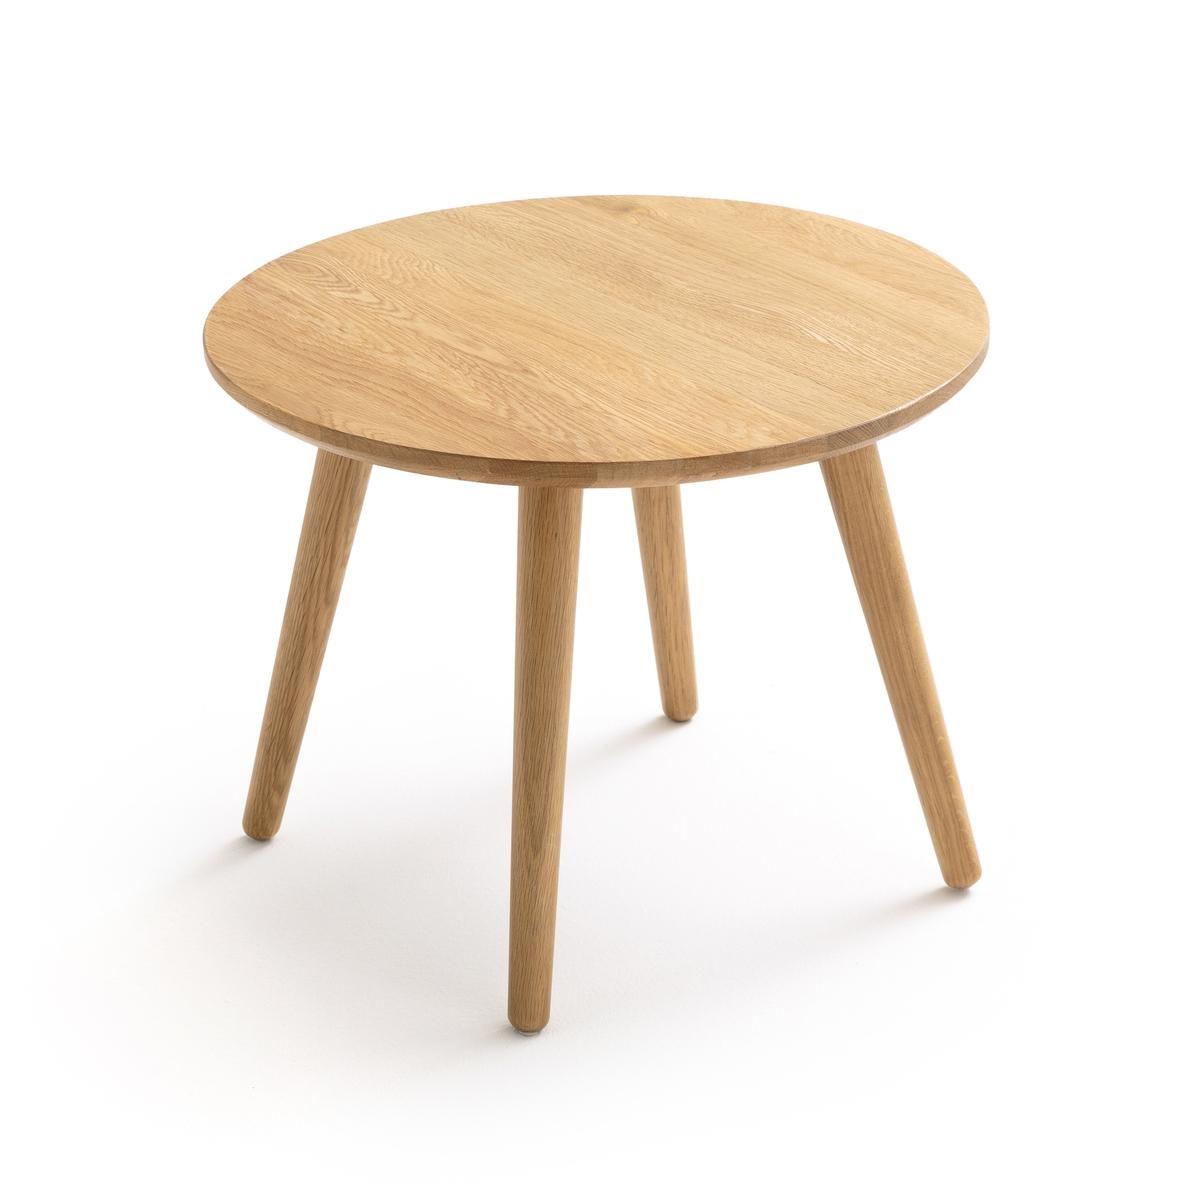 Стол журнальный круглый из массива дуба CRUESO столик журнальный квадратный из массива дуба crueso